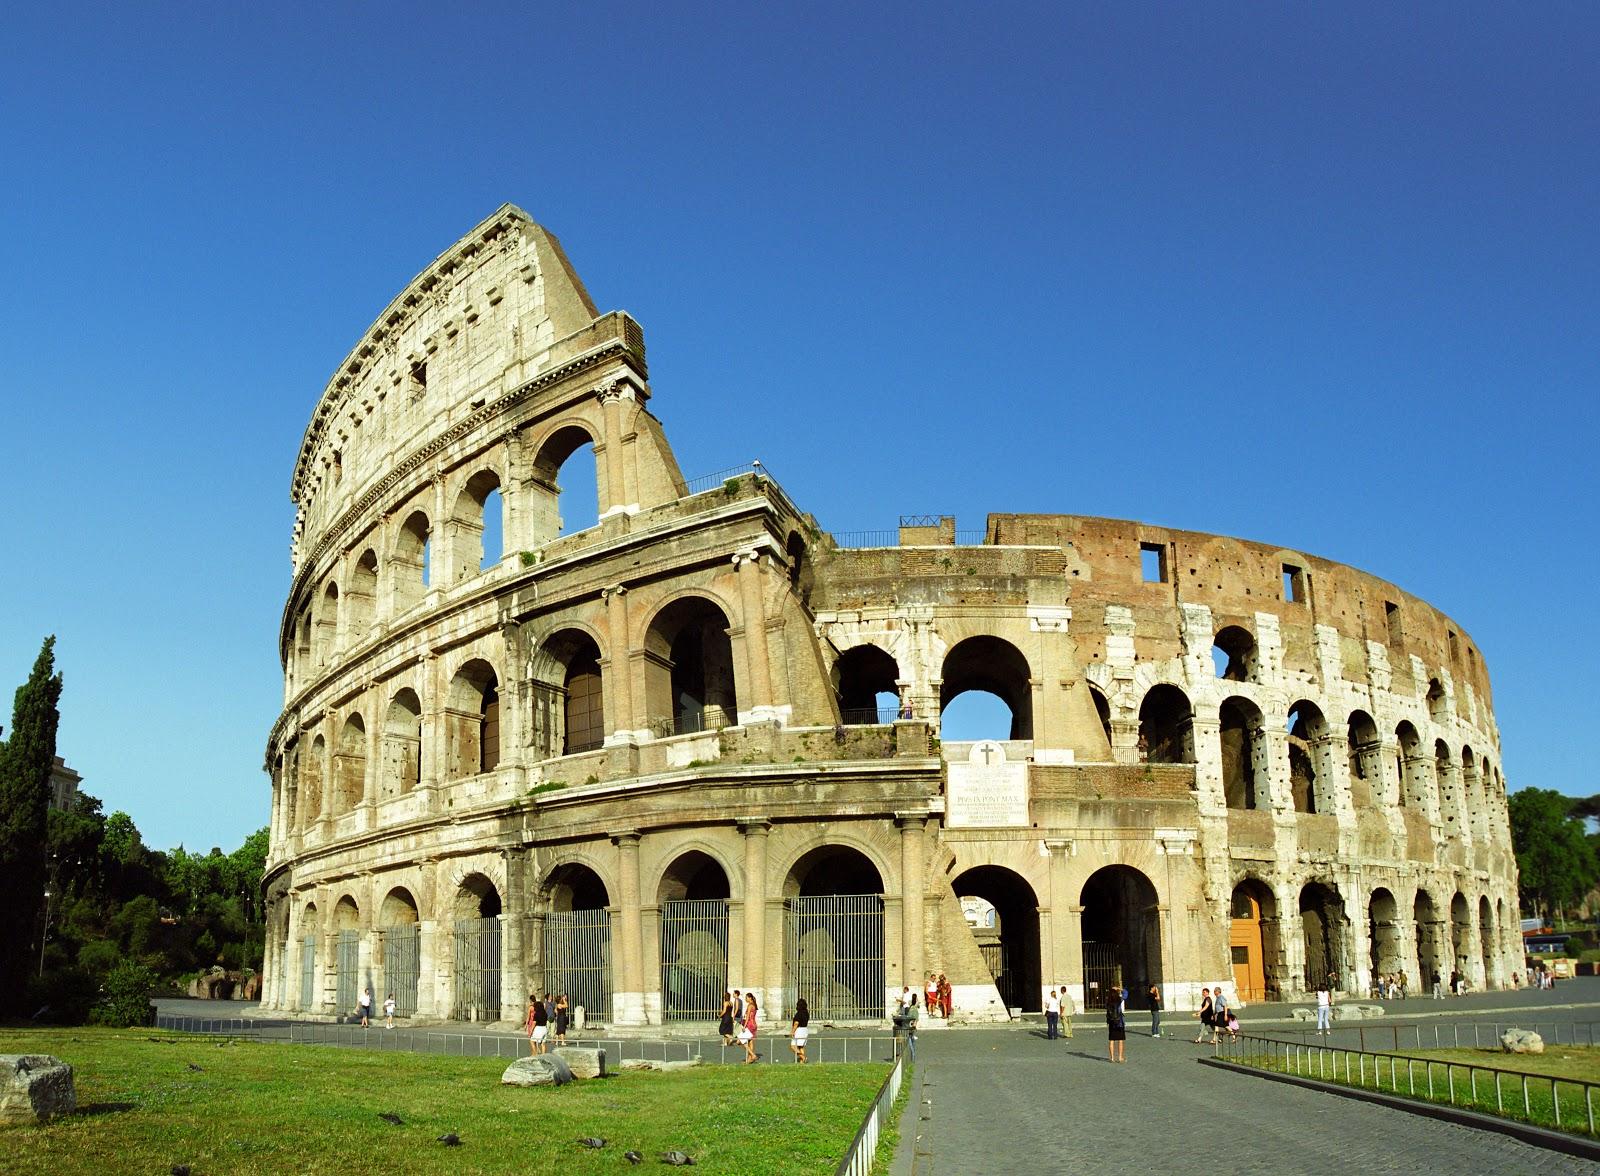 http://2.bp.blogspot.com/-1ClacVPXmqM/TkQH-S-IURI/AAAAAAAACz4/OKsEm4GwR6I/s1600/1307499418-rome_coliseum.jpg